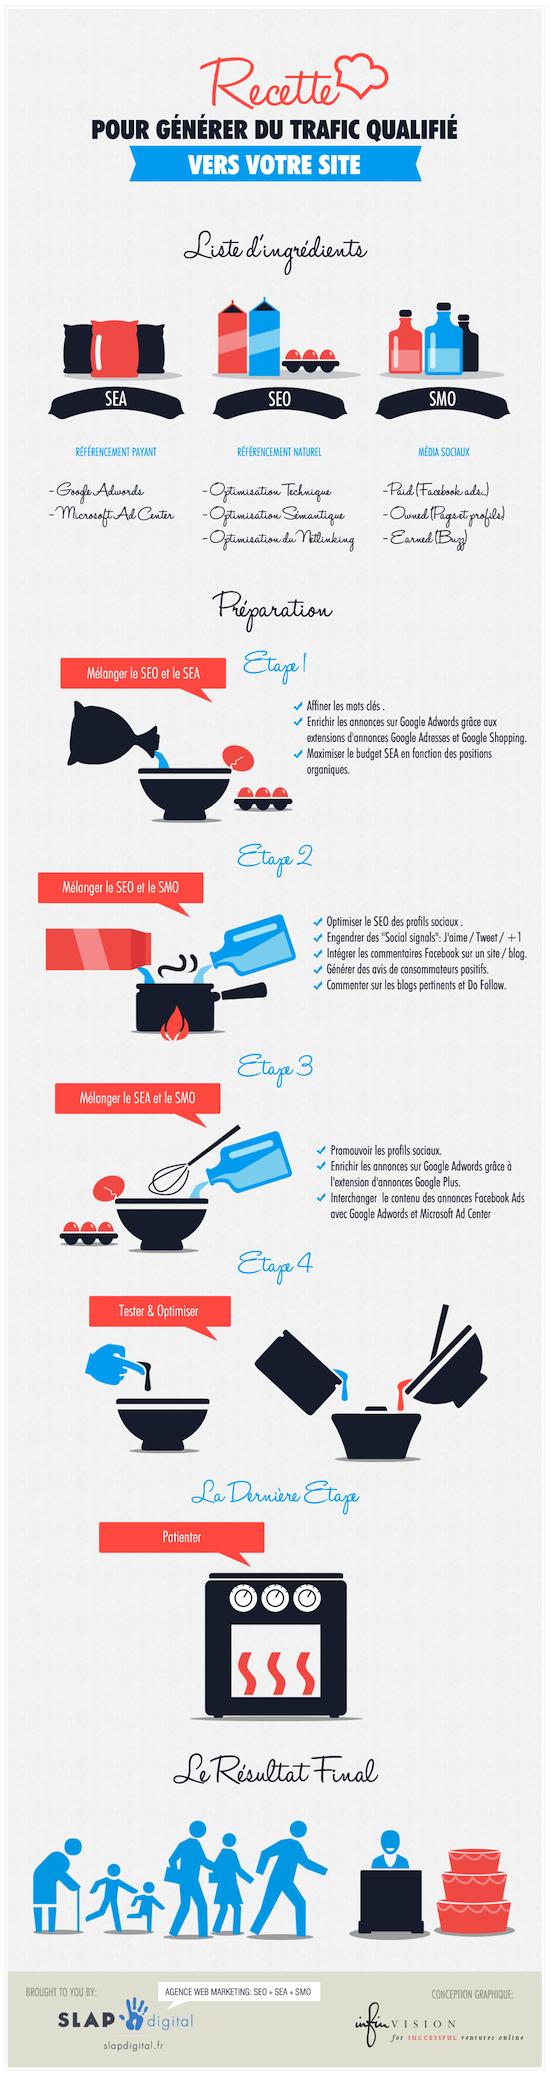 Recette Infographie SEO SEA SMO - SEO SEA SMO : Générer du trafic vers votre site